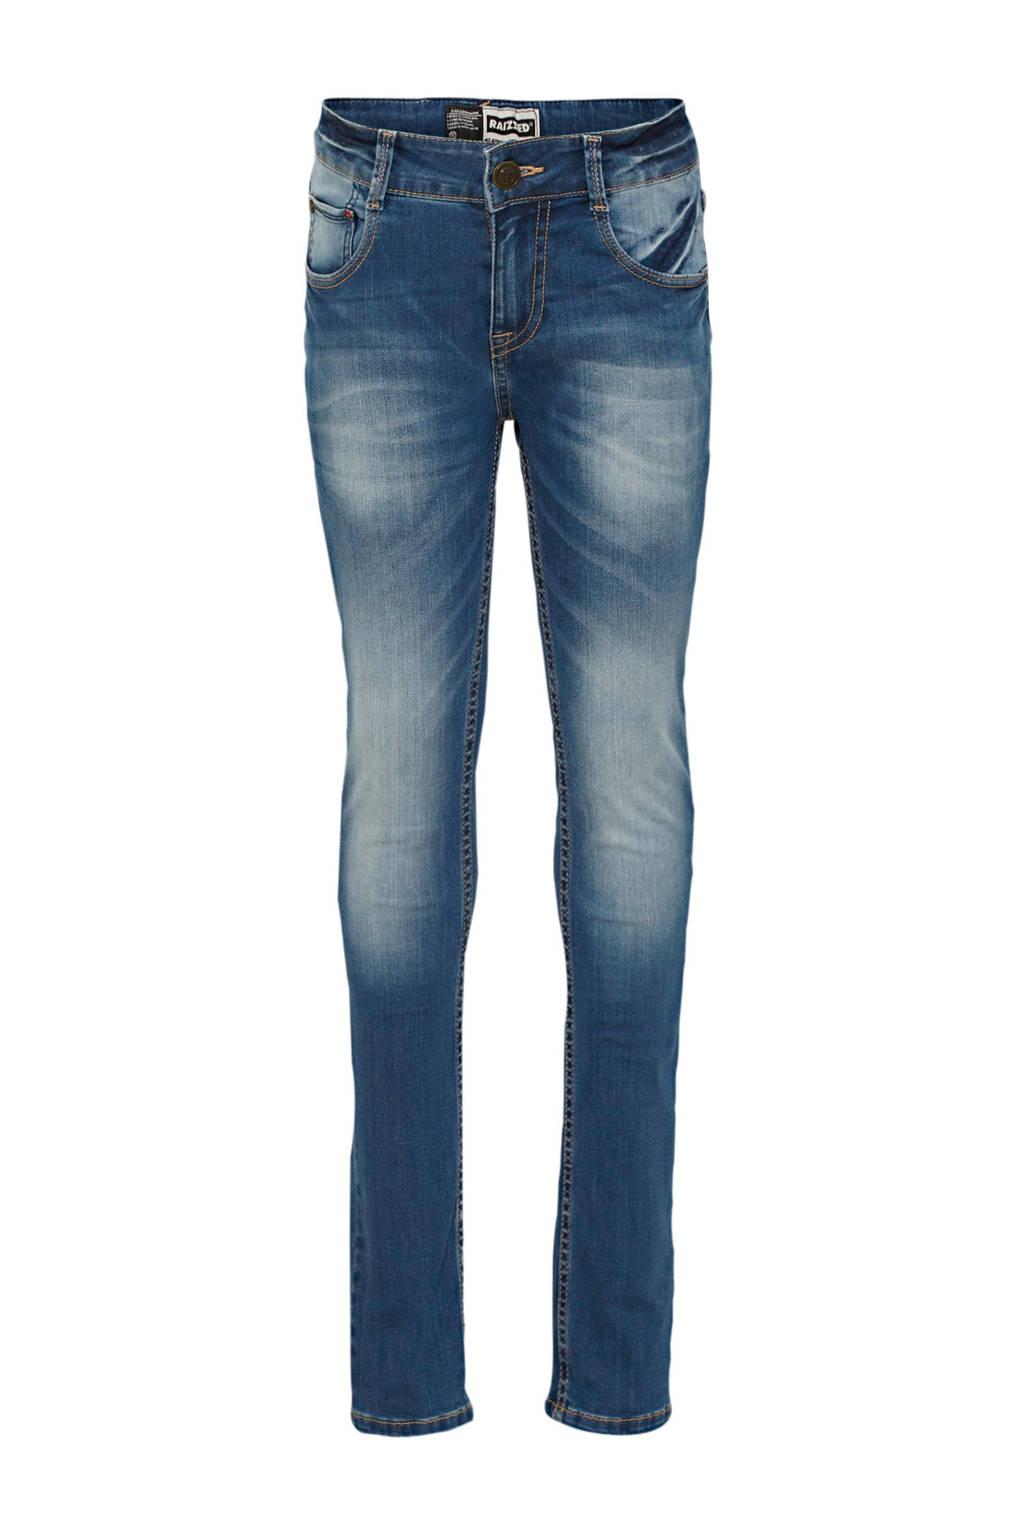 Raizzed skinny jeans Tokyo mid blue stone, Mid blue stone